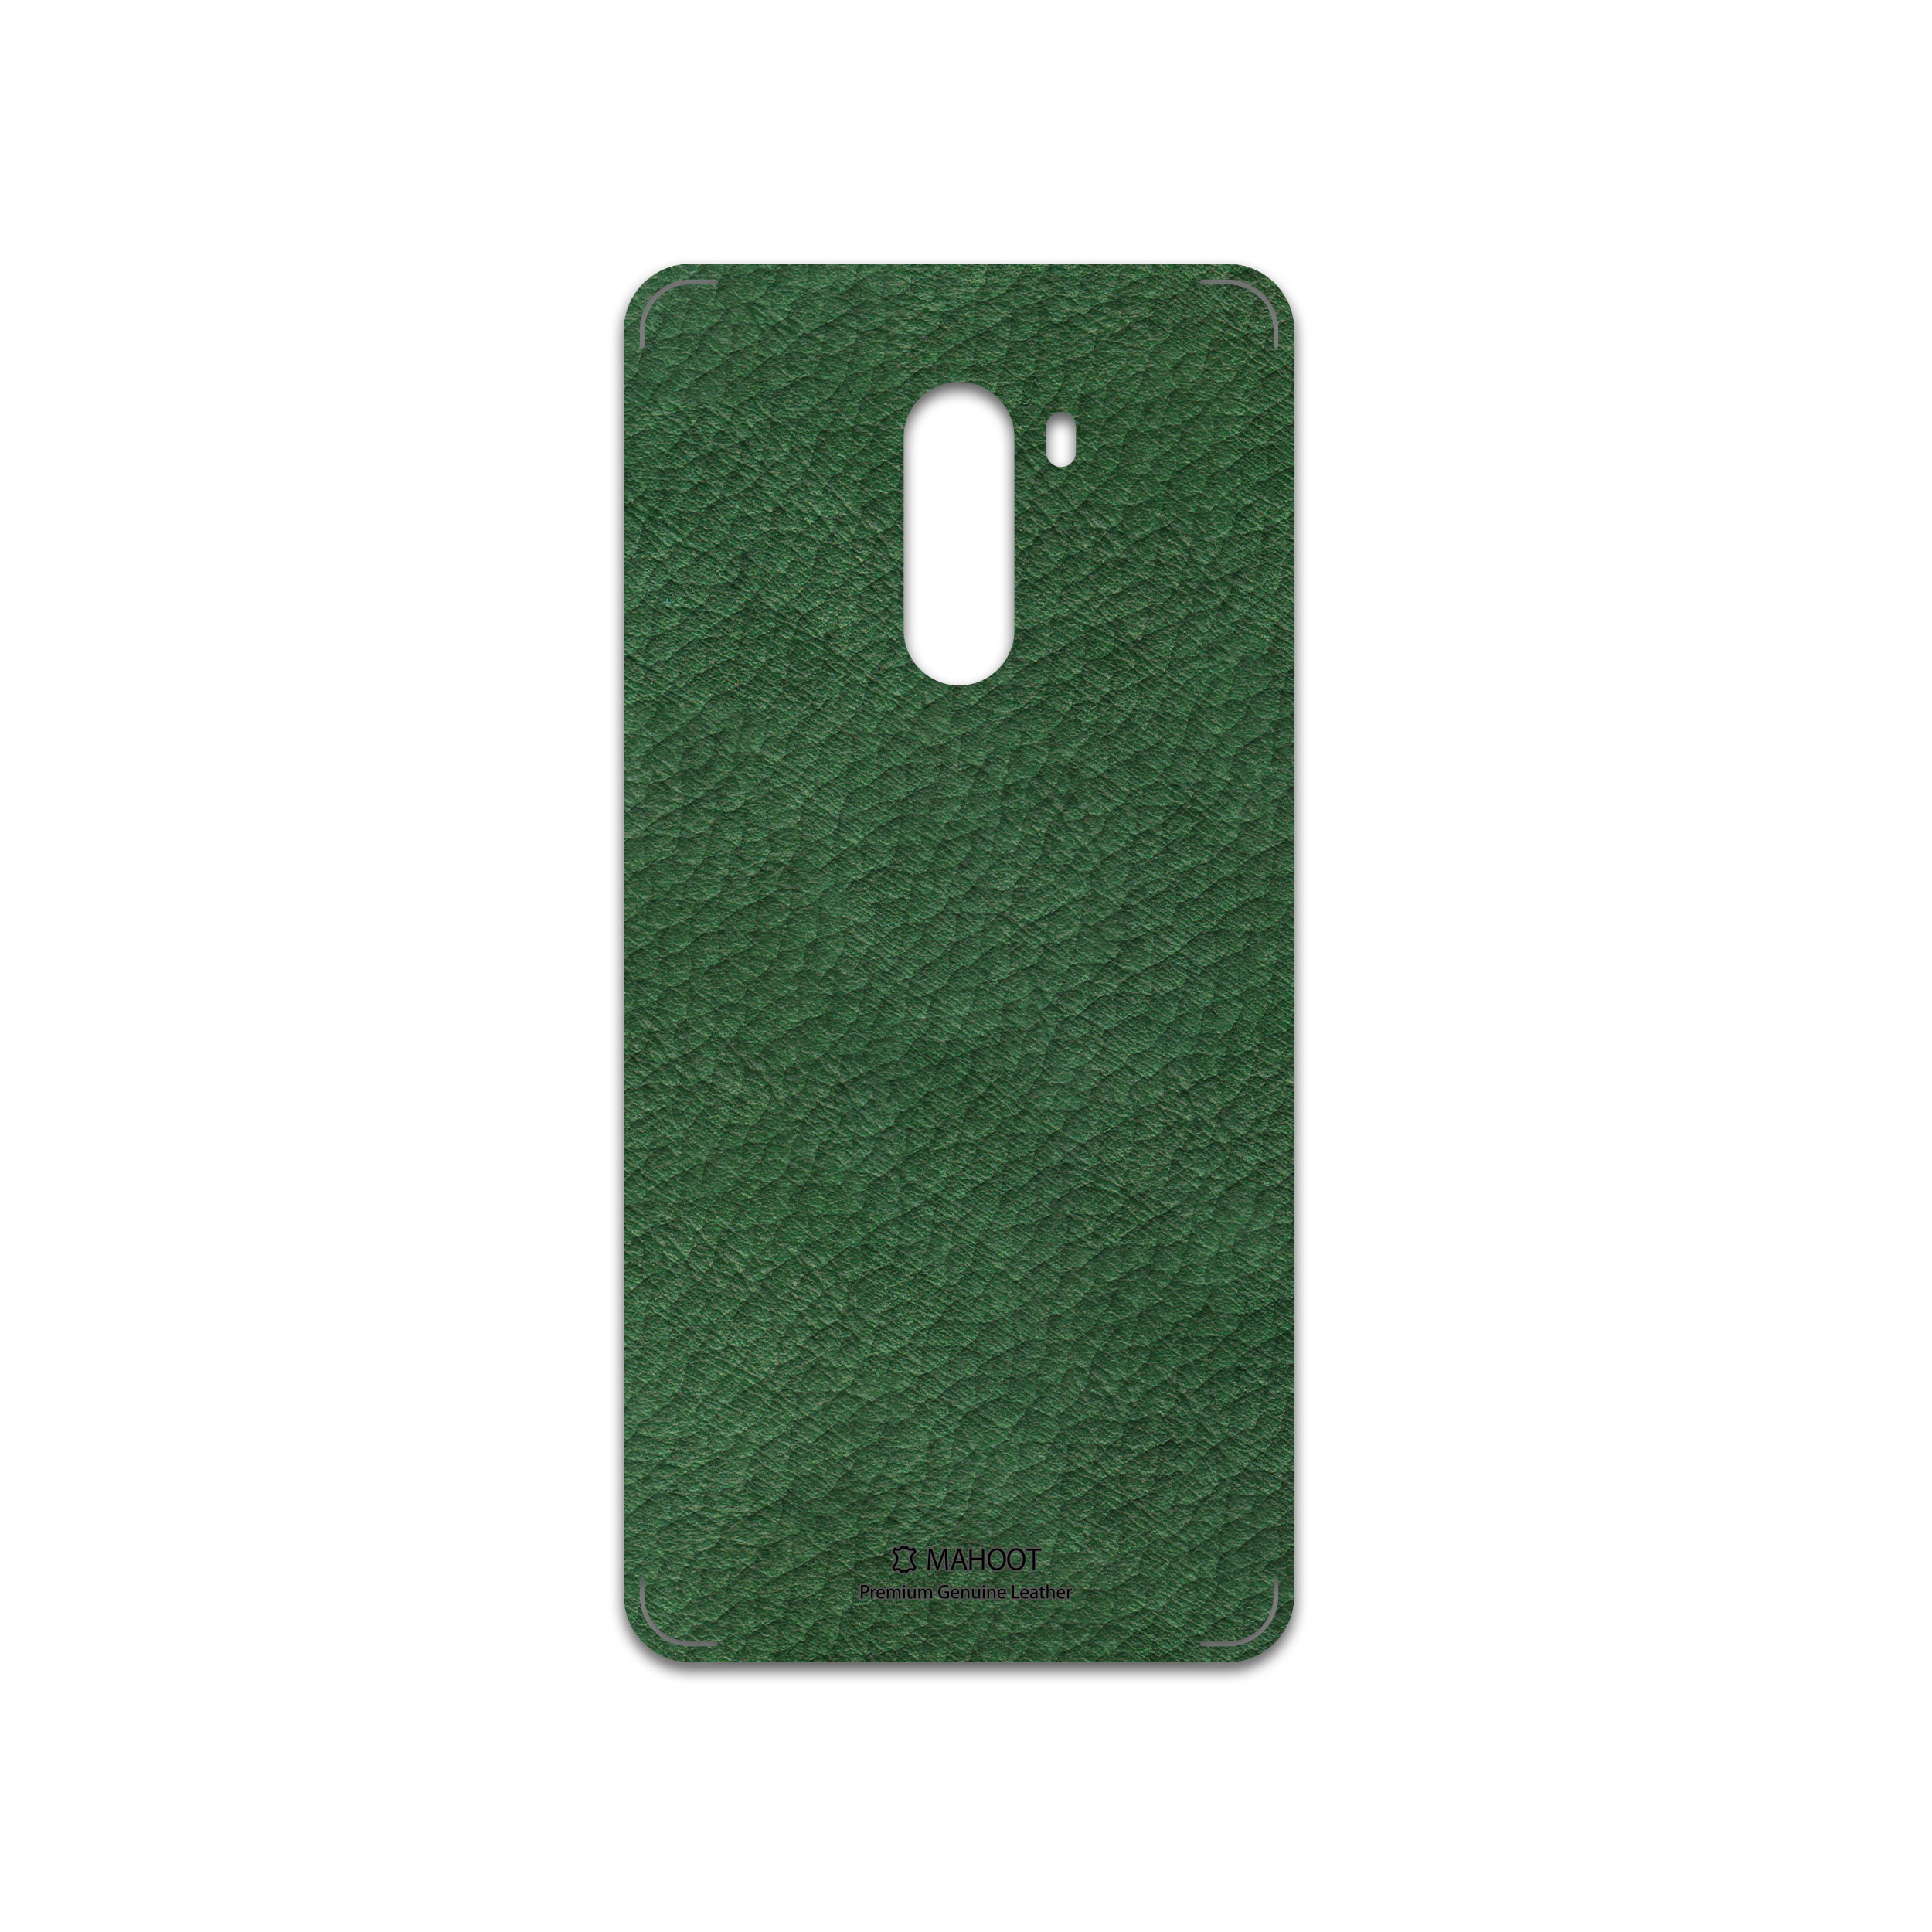 برچسب پوششی ماهوت مدل Green-Leather مناسب برای گوشی موبایل شیائومی POCOPHONE F1